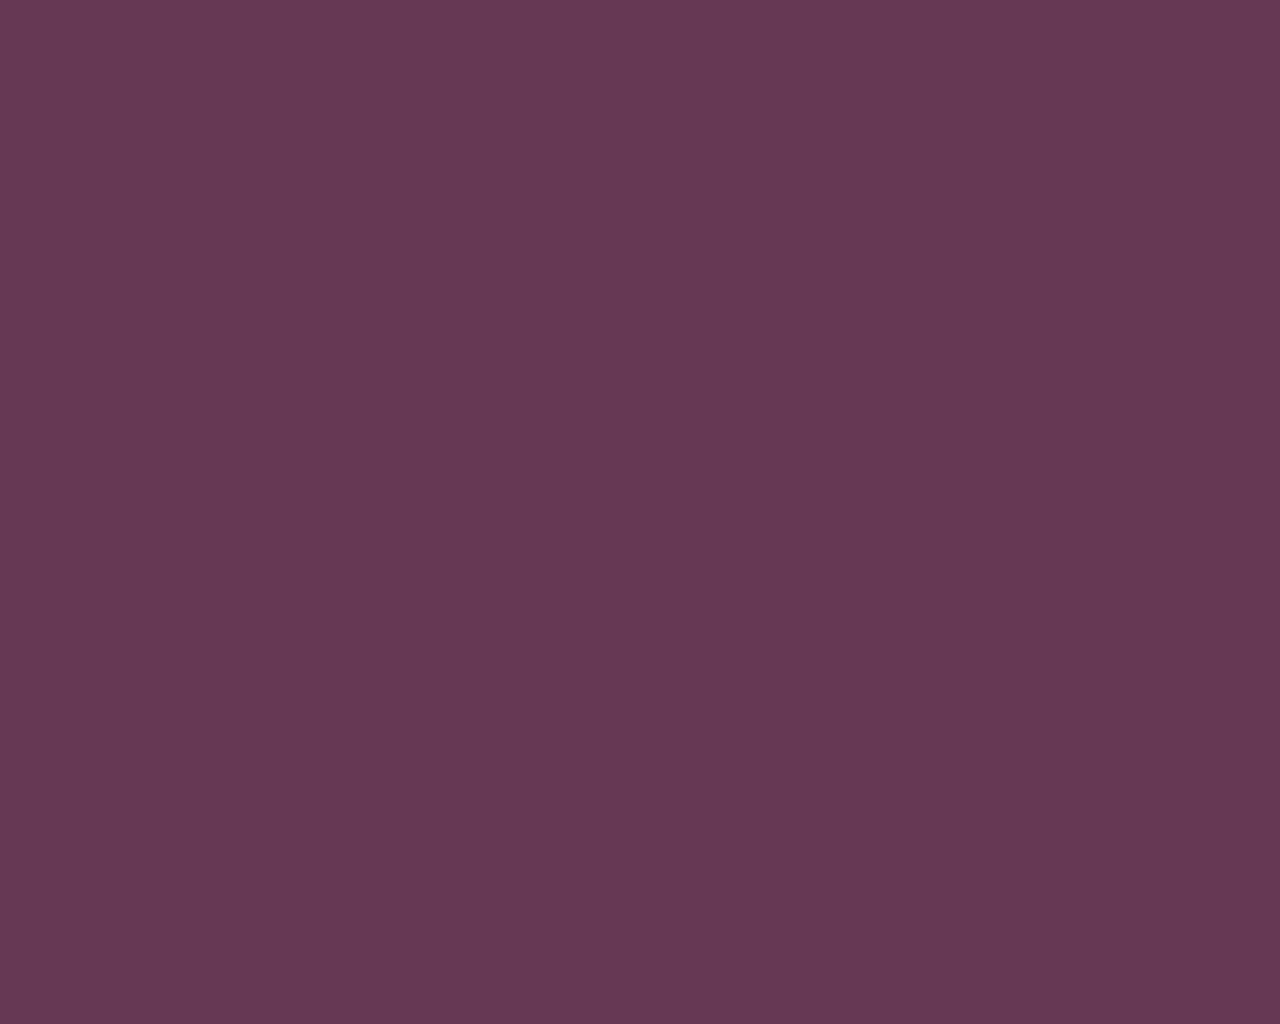 1280x1024 Halaya Ube Solid Color Background